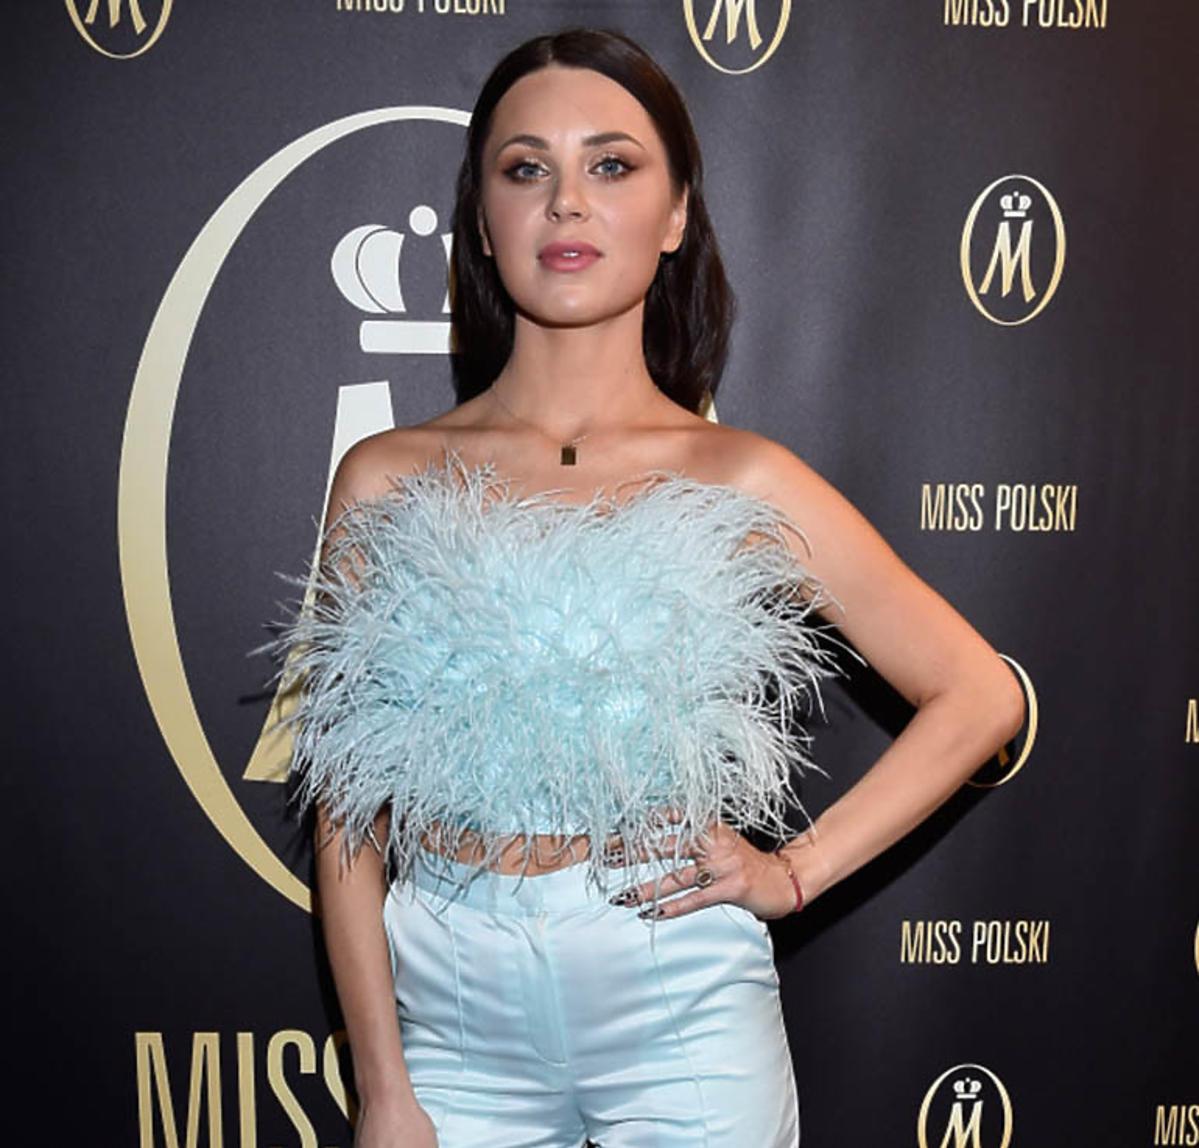 Miss Polski 2020 - widzowie masakrują występ Moniki Lewczuk